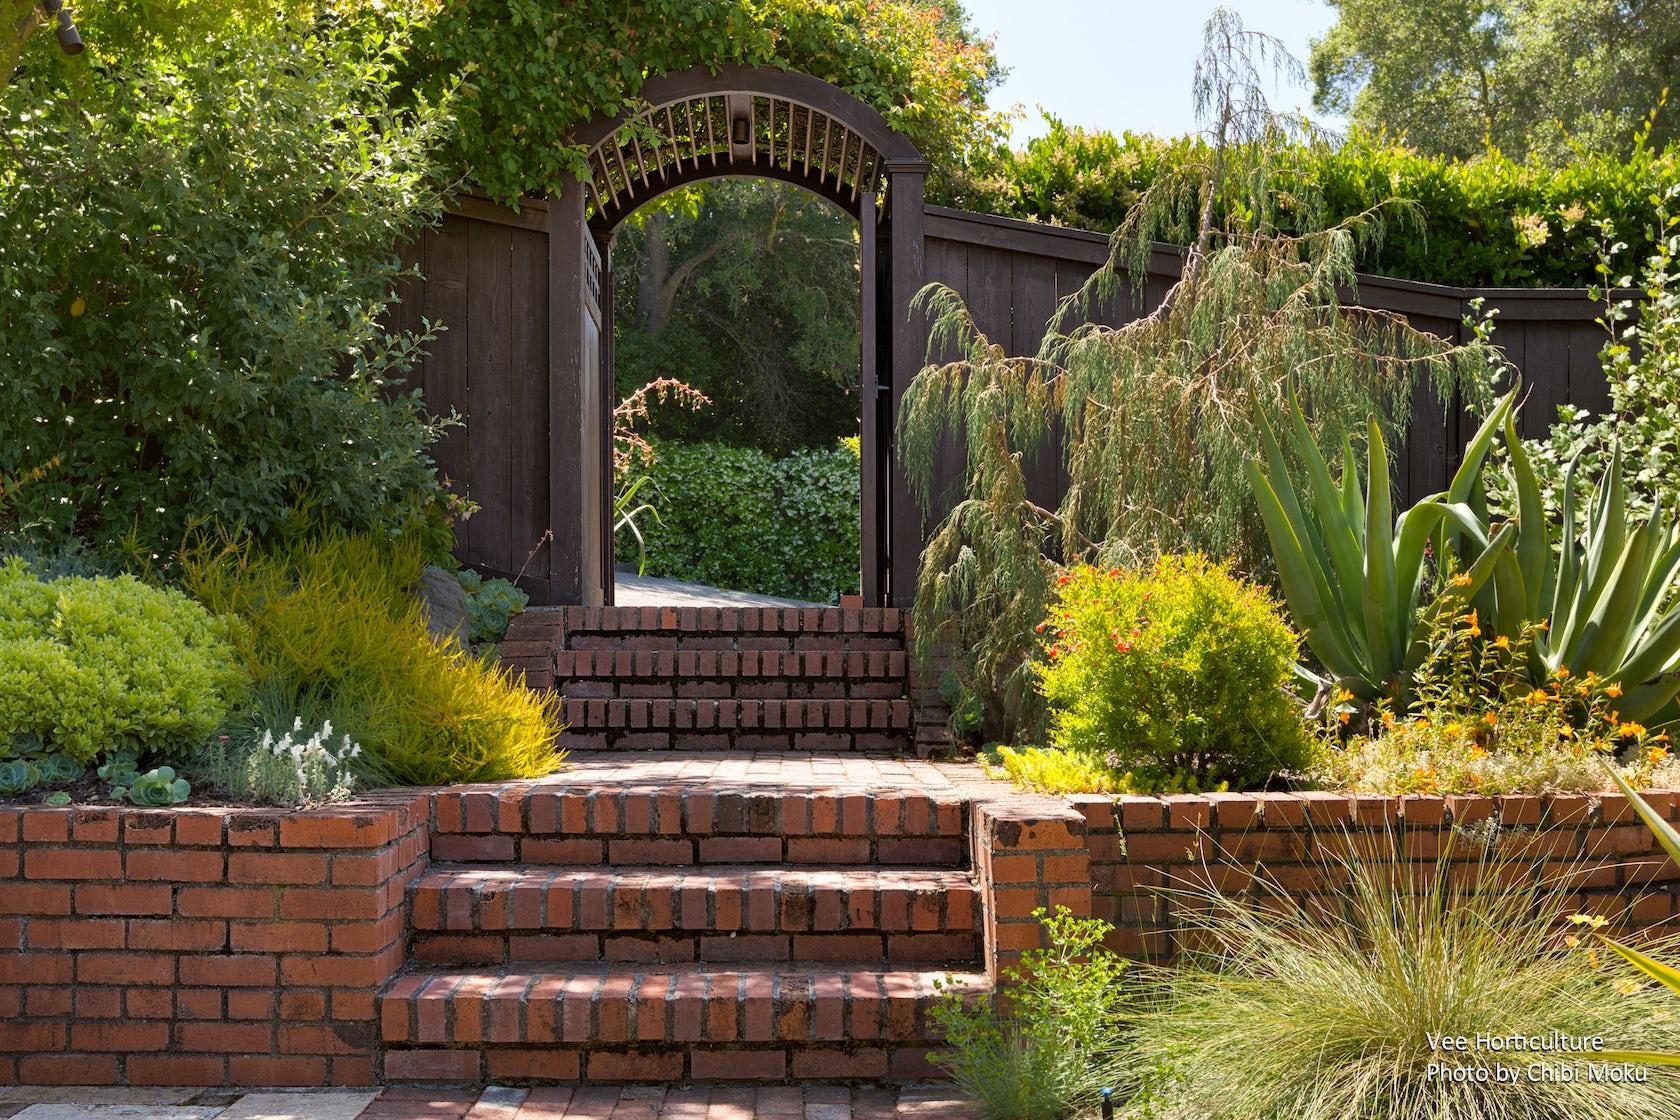 Vee horticulture landscape design for the bay area for Bay area landscape design